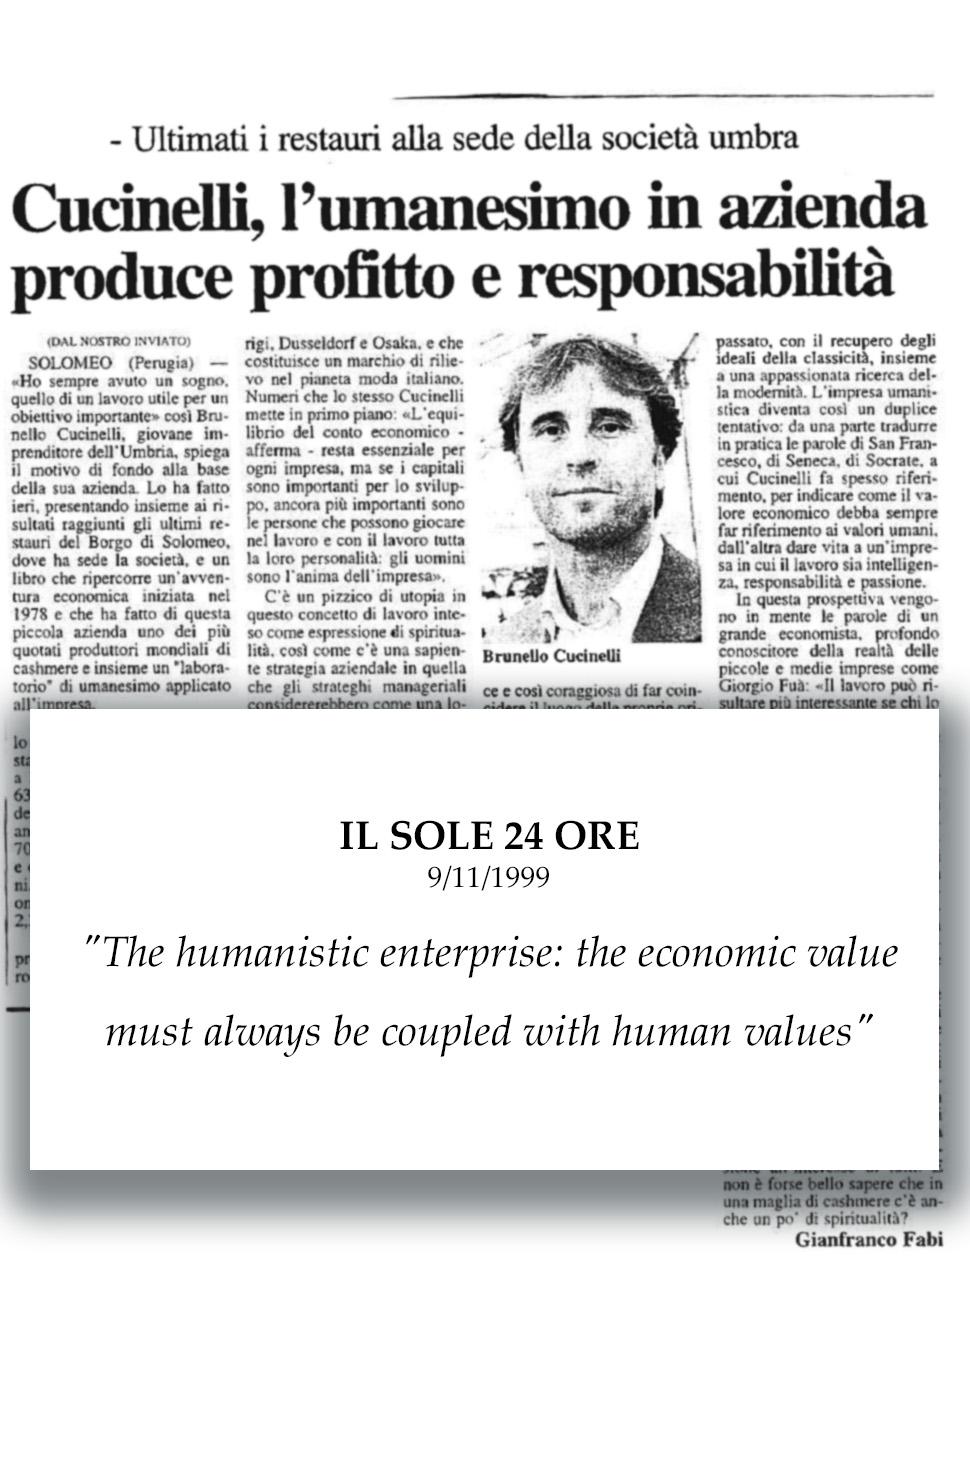 1999 Il Sole 24 Ore